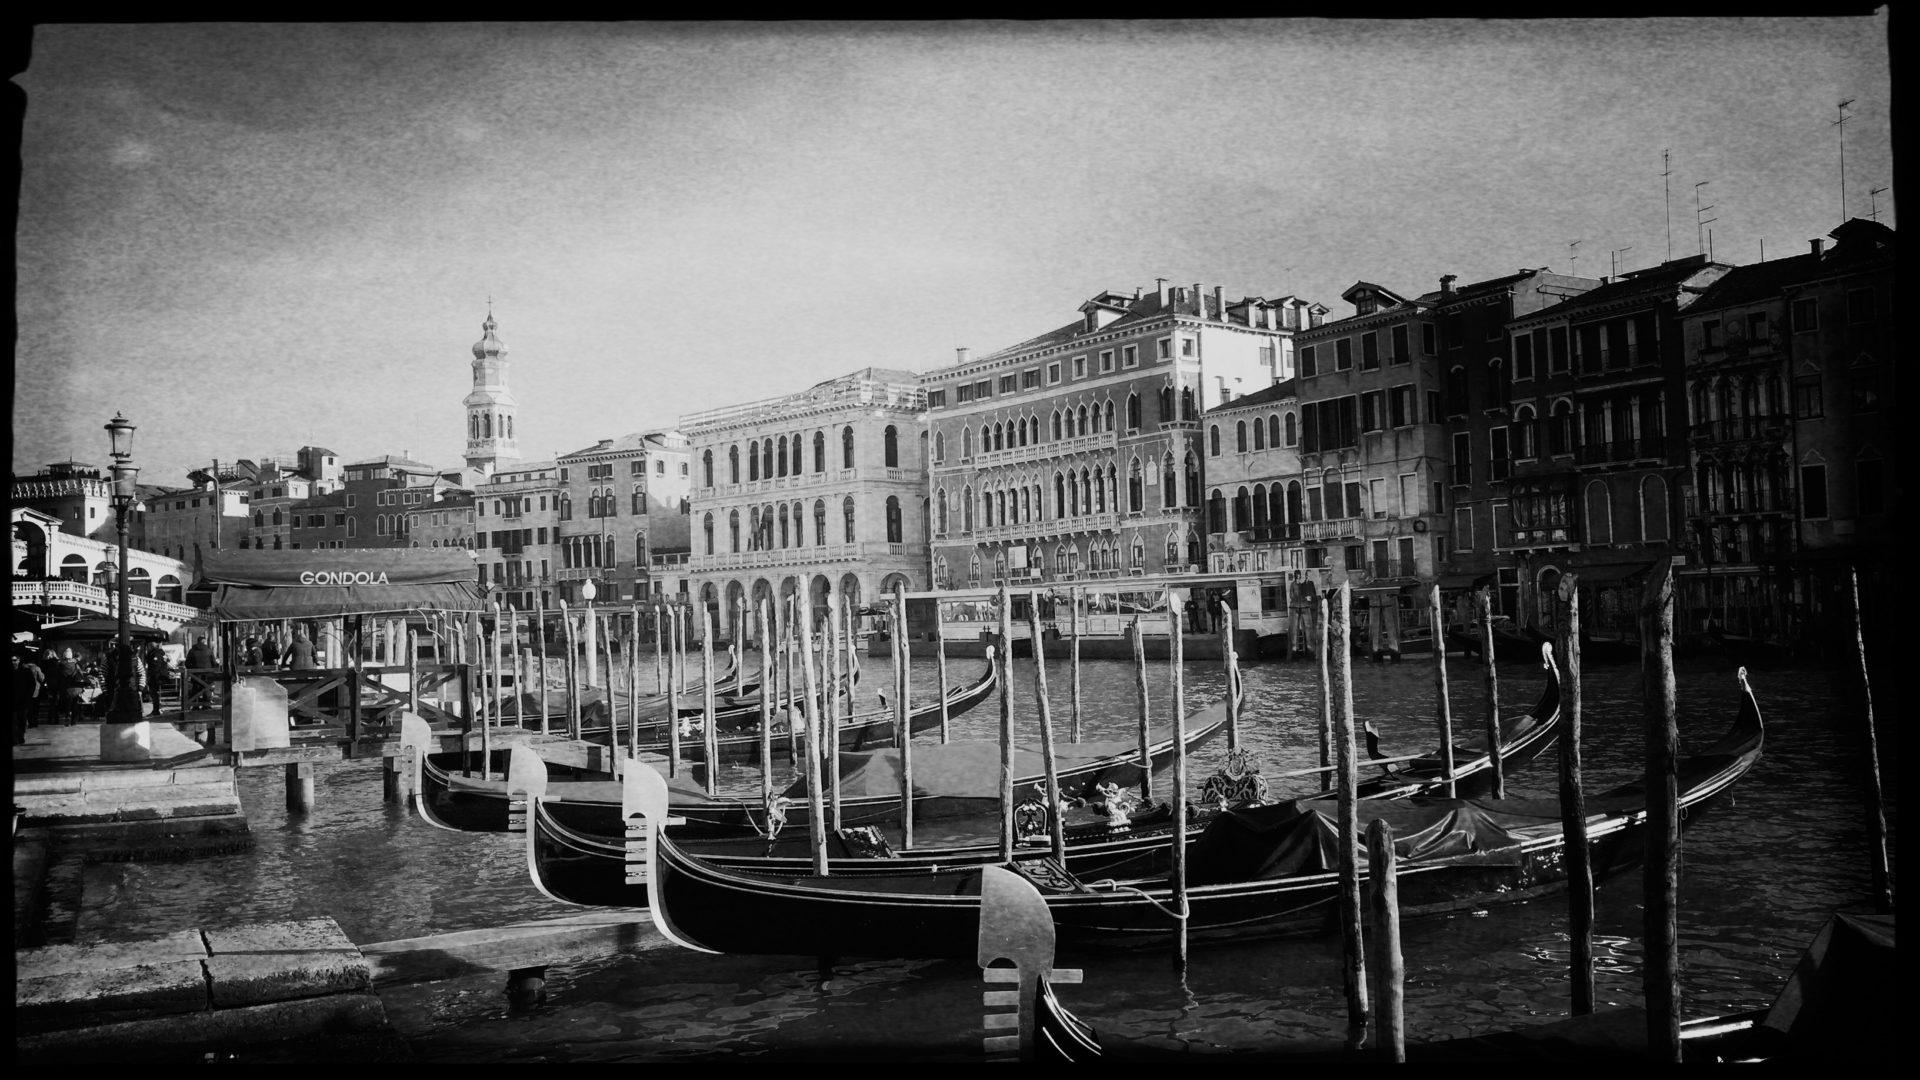 Gondeln und Palazzi am Canale Grand in Venedig